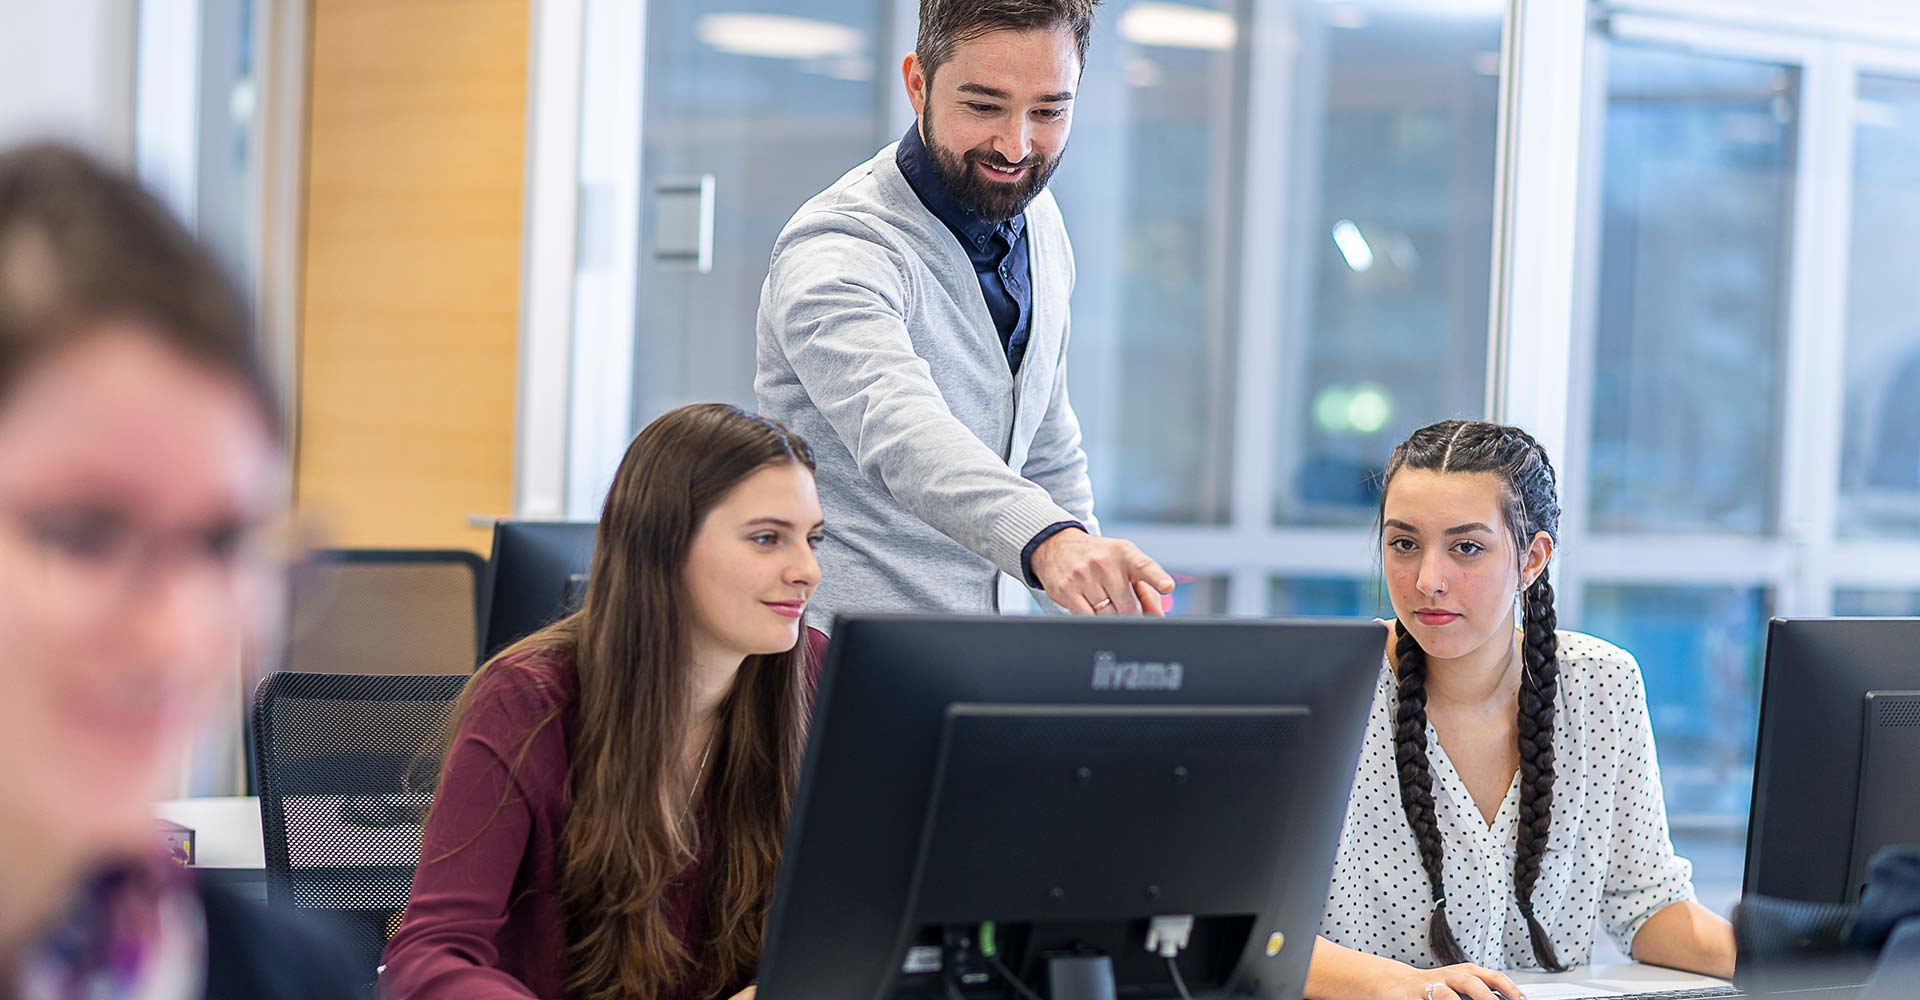 Mitarbeiter in einer Schulung vor dem PC